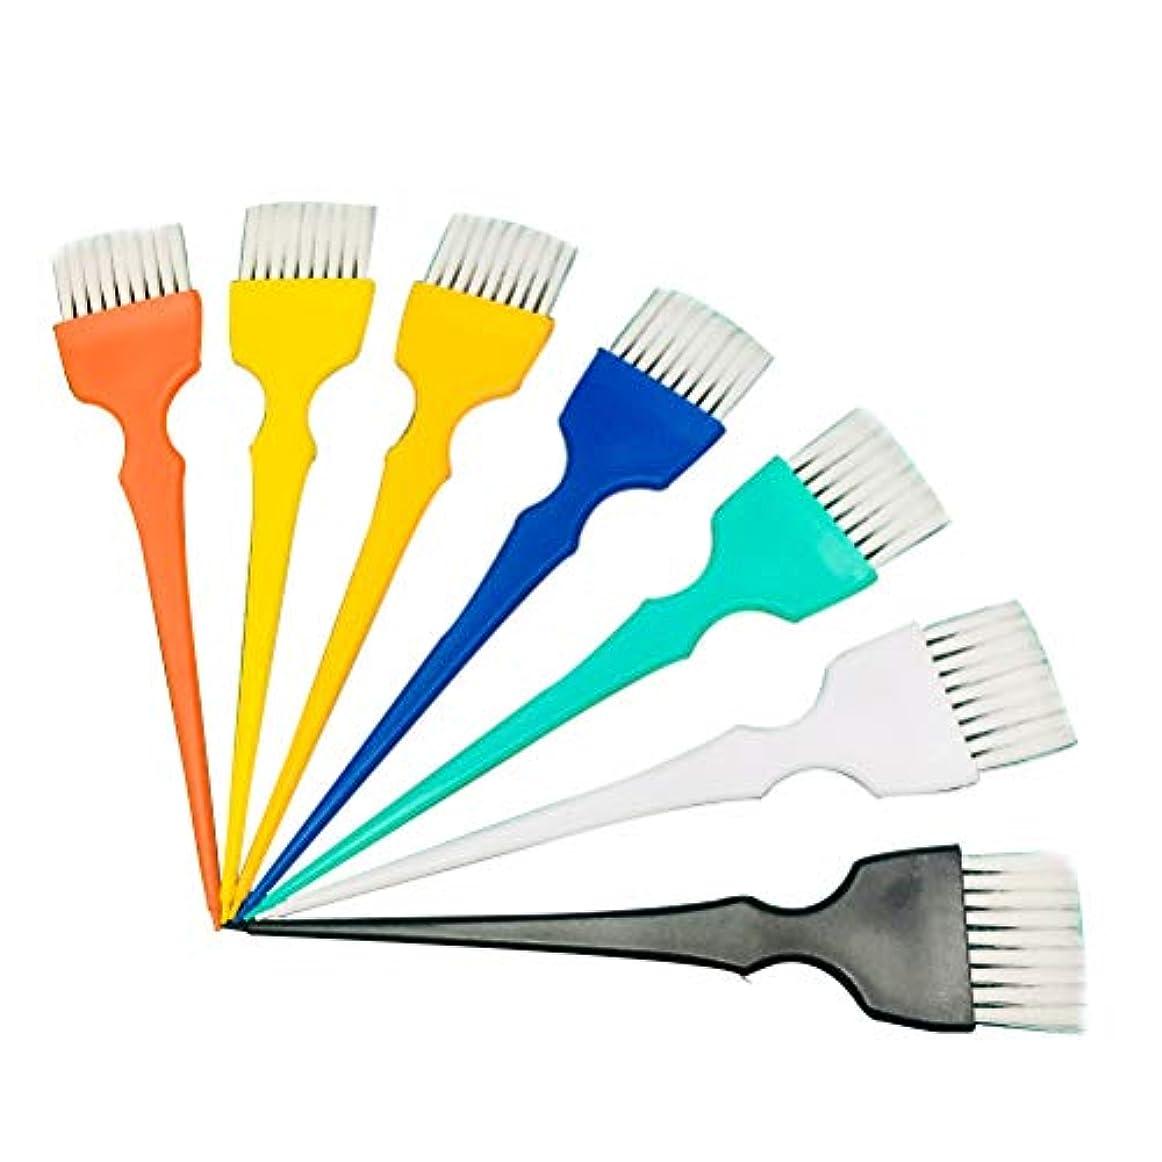 本当のことを言うとマングル嵐が丘Frcolor ヘアダイブラシ ヘアカラーブラシ ヘアダイコーム 白髪染め 家庭用 美容師プロ用 プラスチック製 7本セット(ランダムカラー)